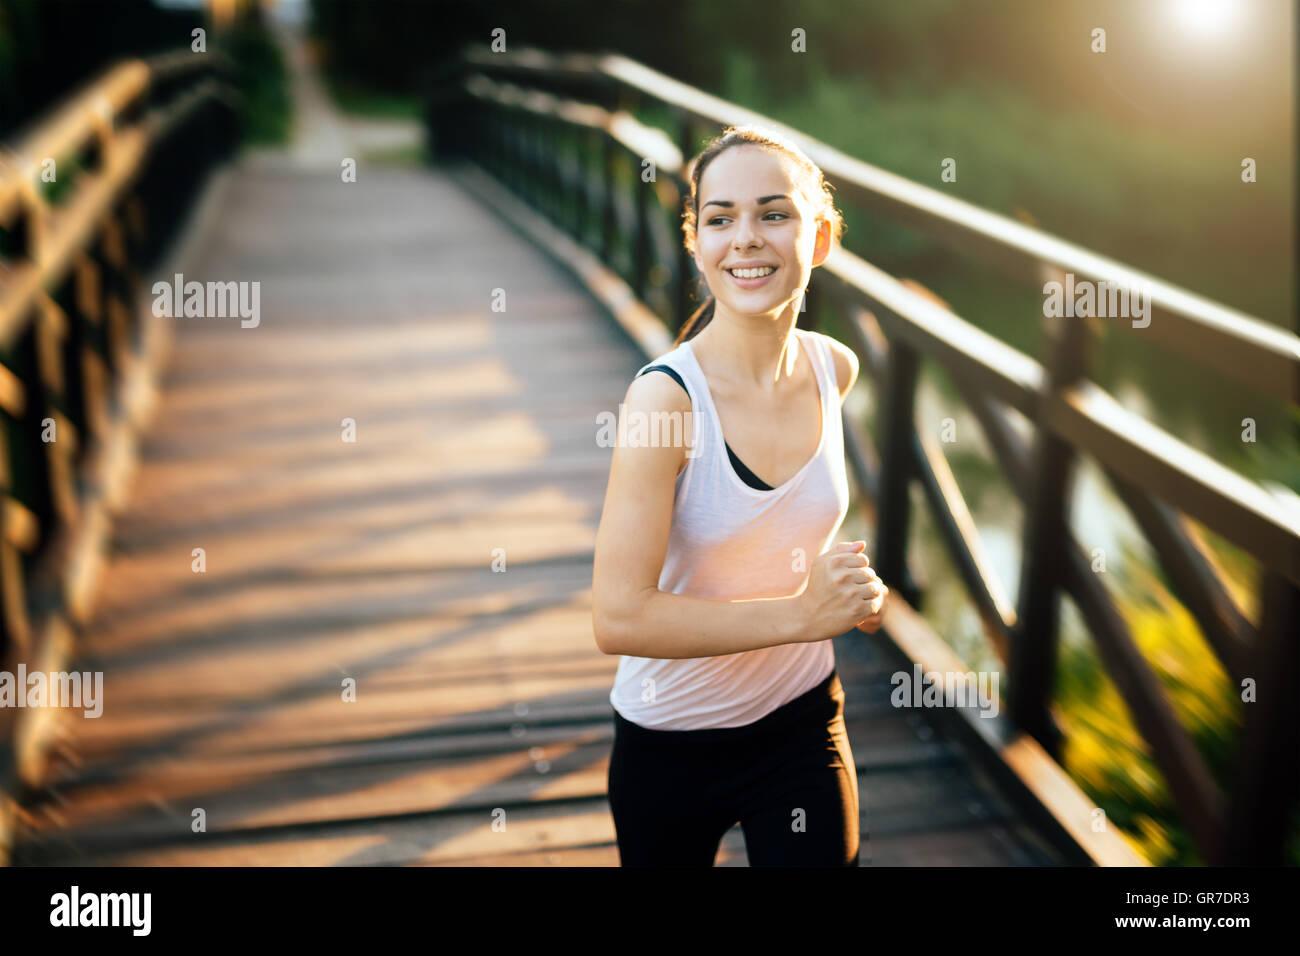 Sportliche Frau, die ein gesundes Leben Stockbild